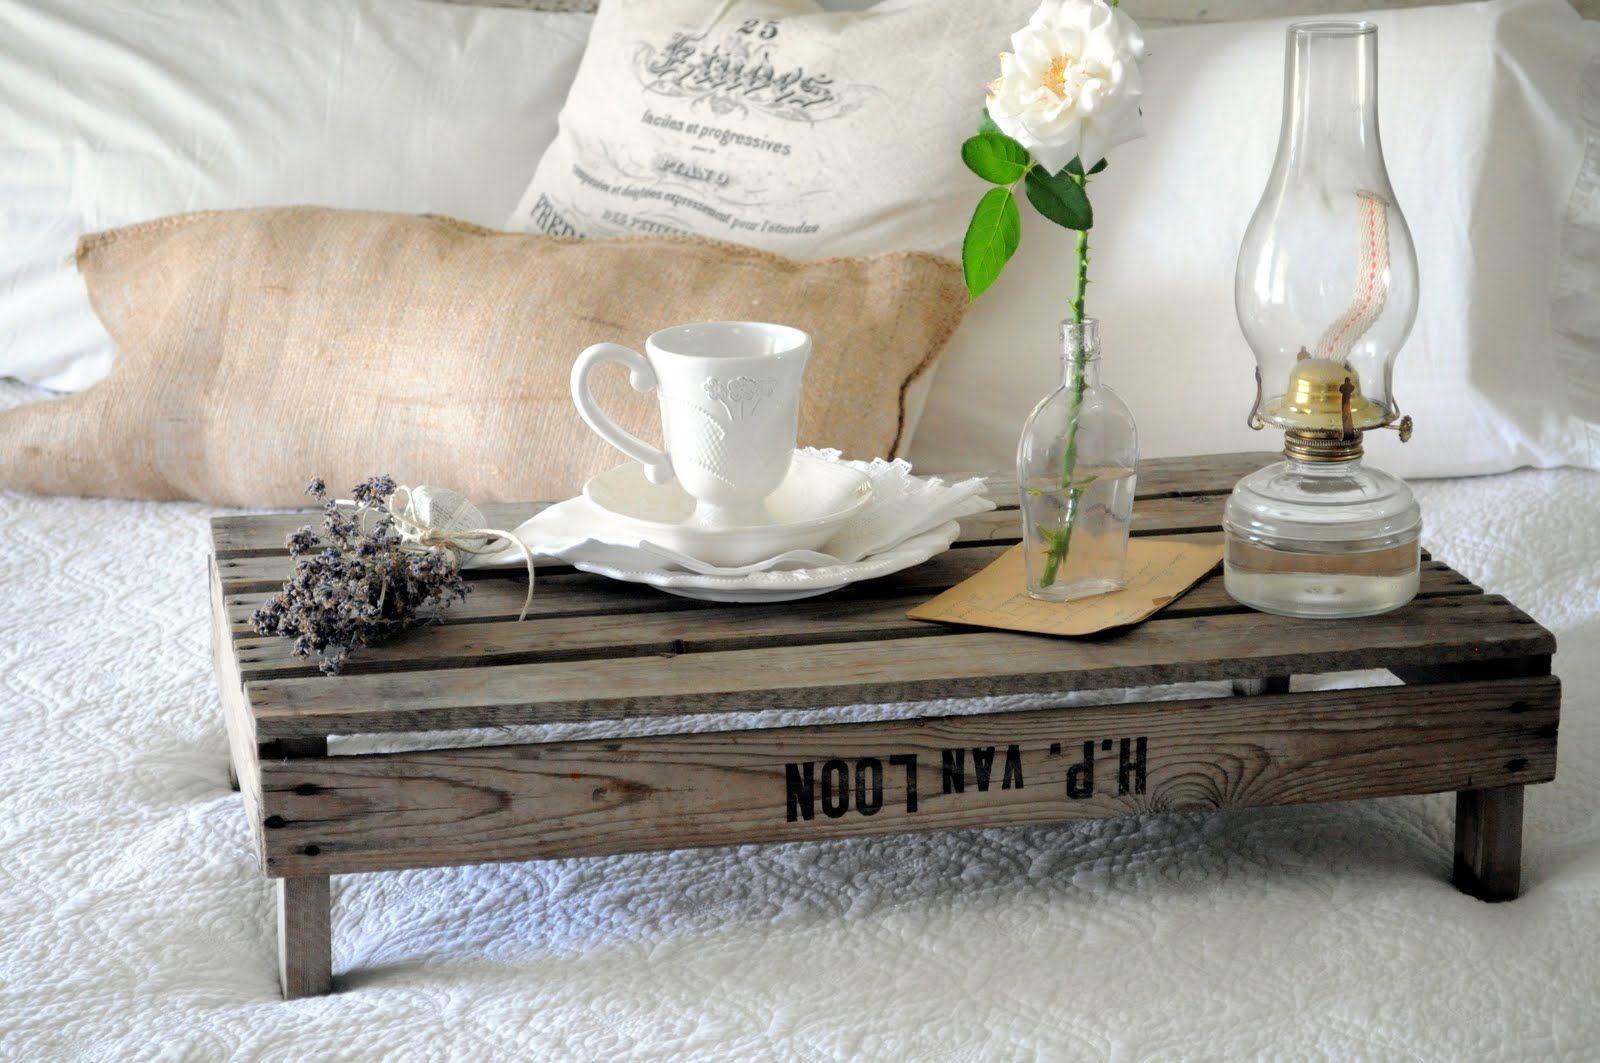 Накроватный столик, изготовленный своими руками из деревянных досок